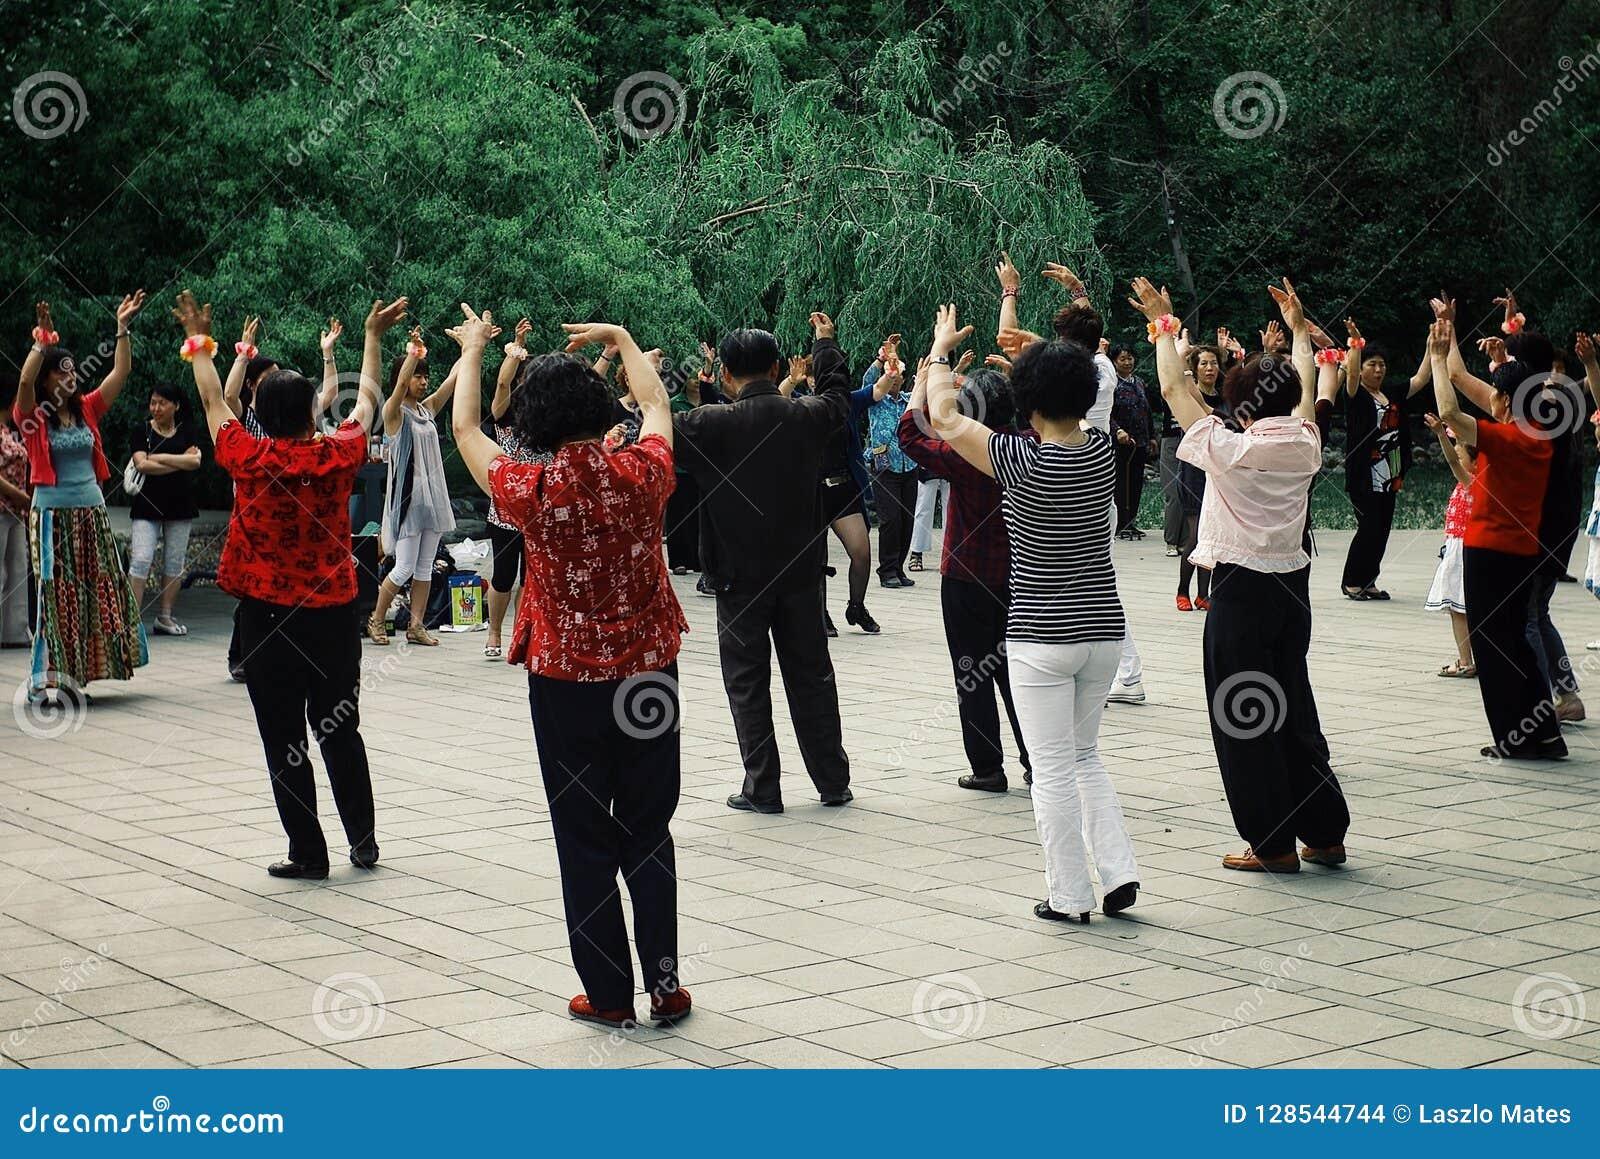 Plaatselijke bevolking die een danstai chioefening in een openbare parktuin hebben